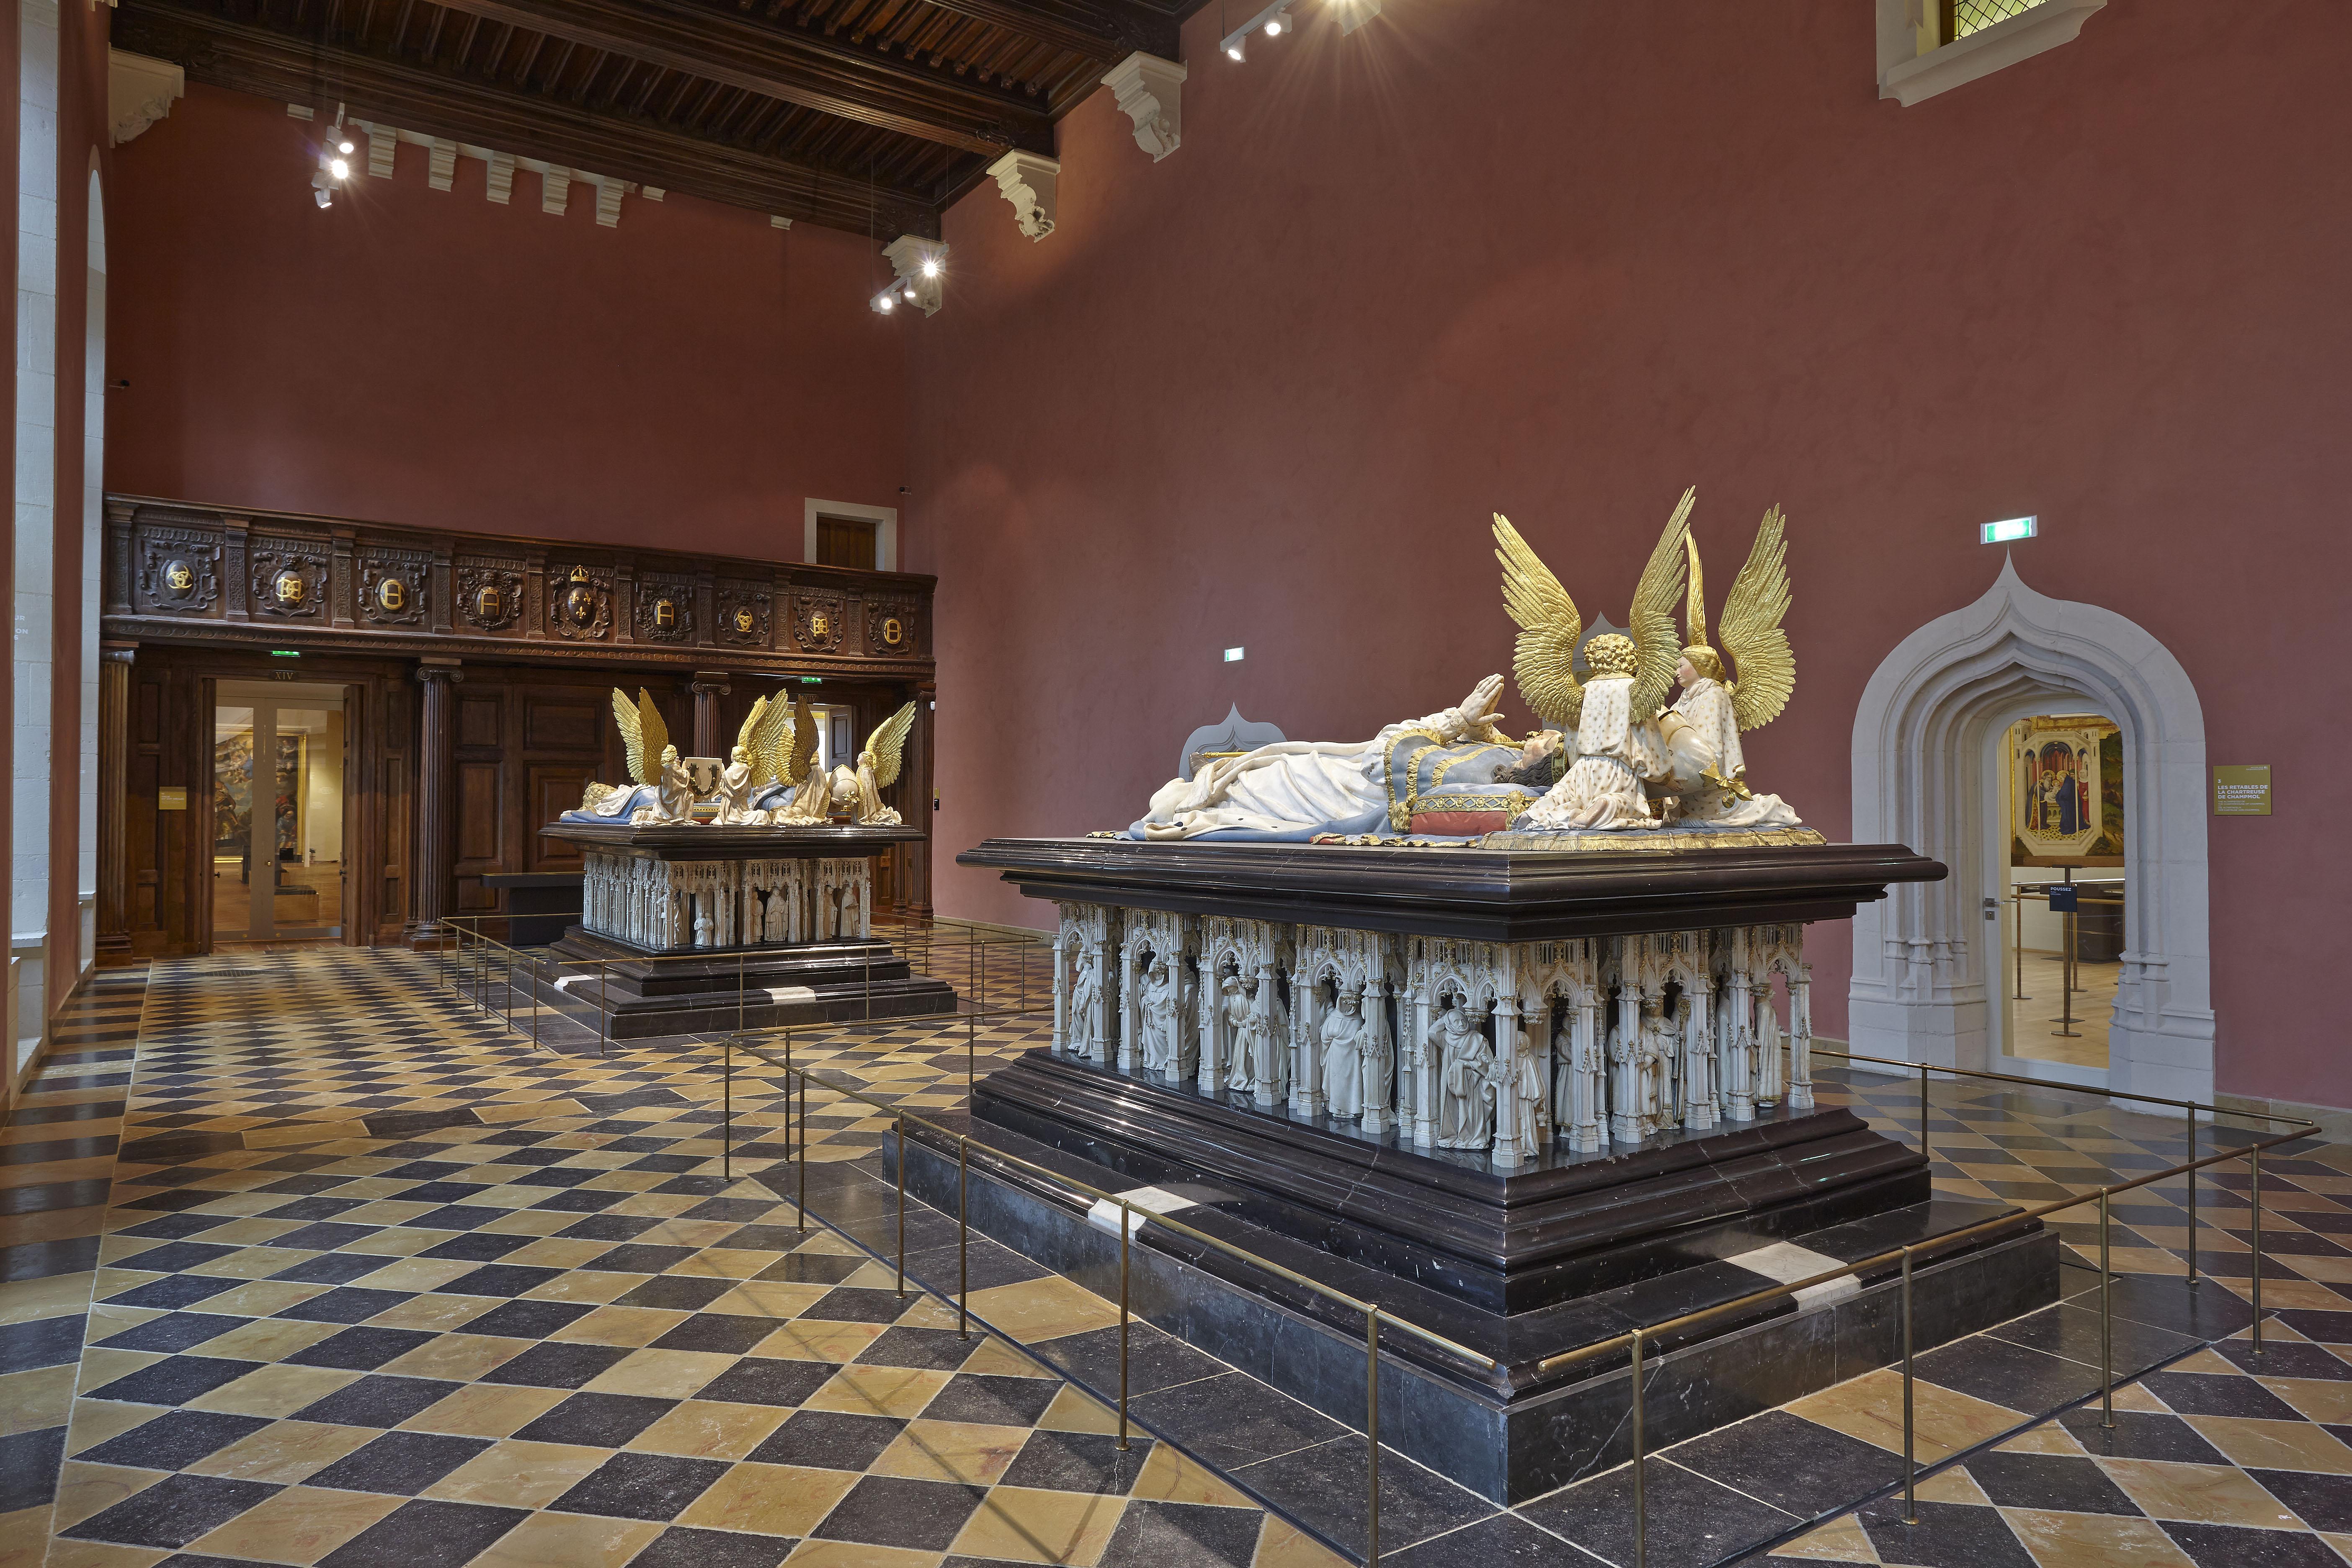 Salles des Tombeaux Musée des Beaux Arts